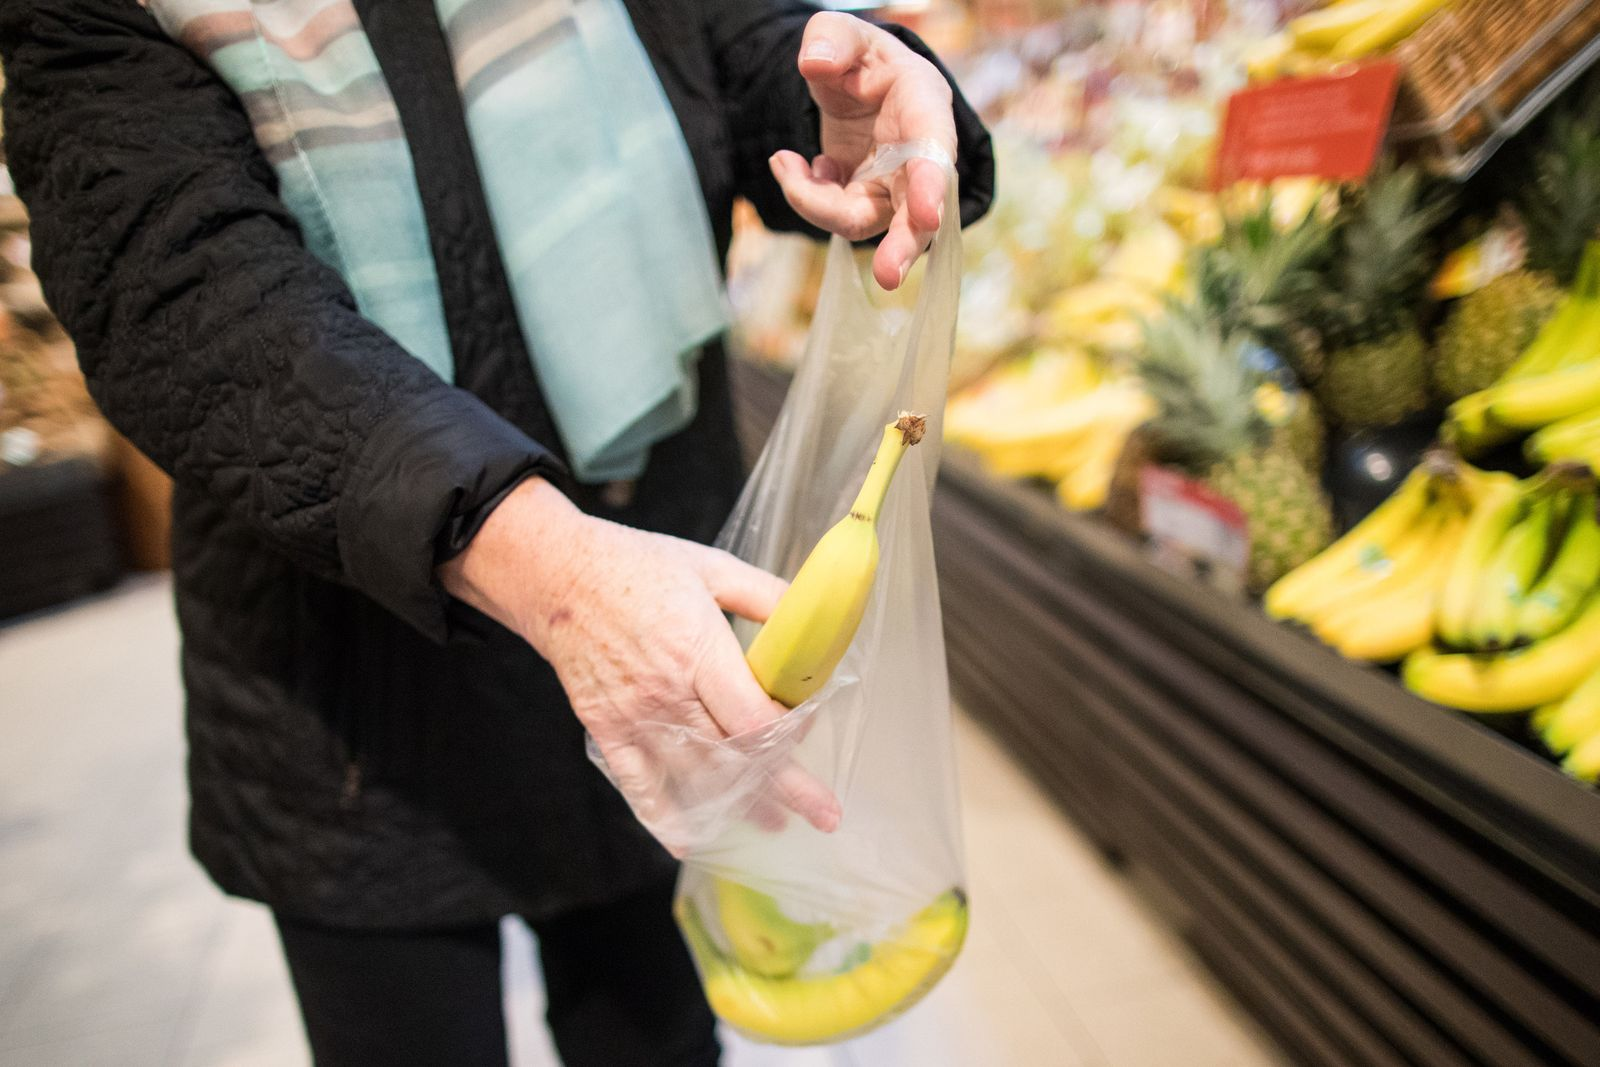 Plastiktüten in Supermärkten